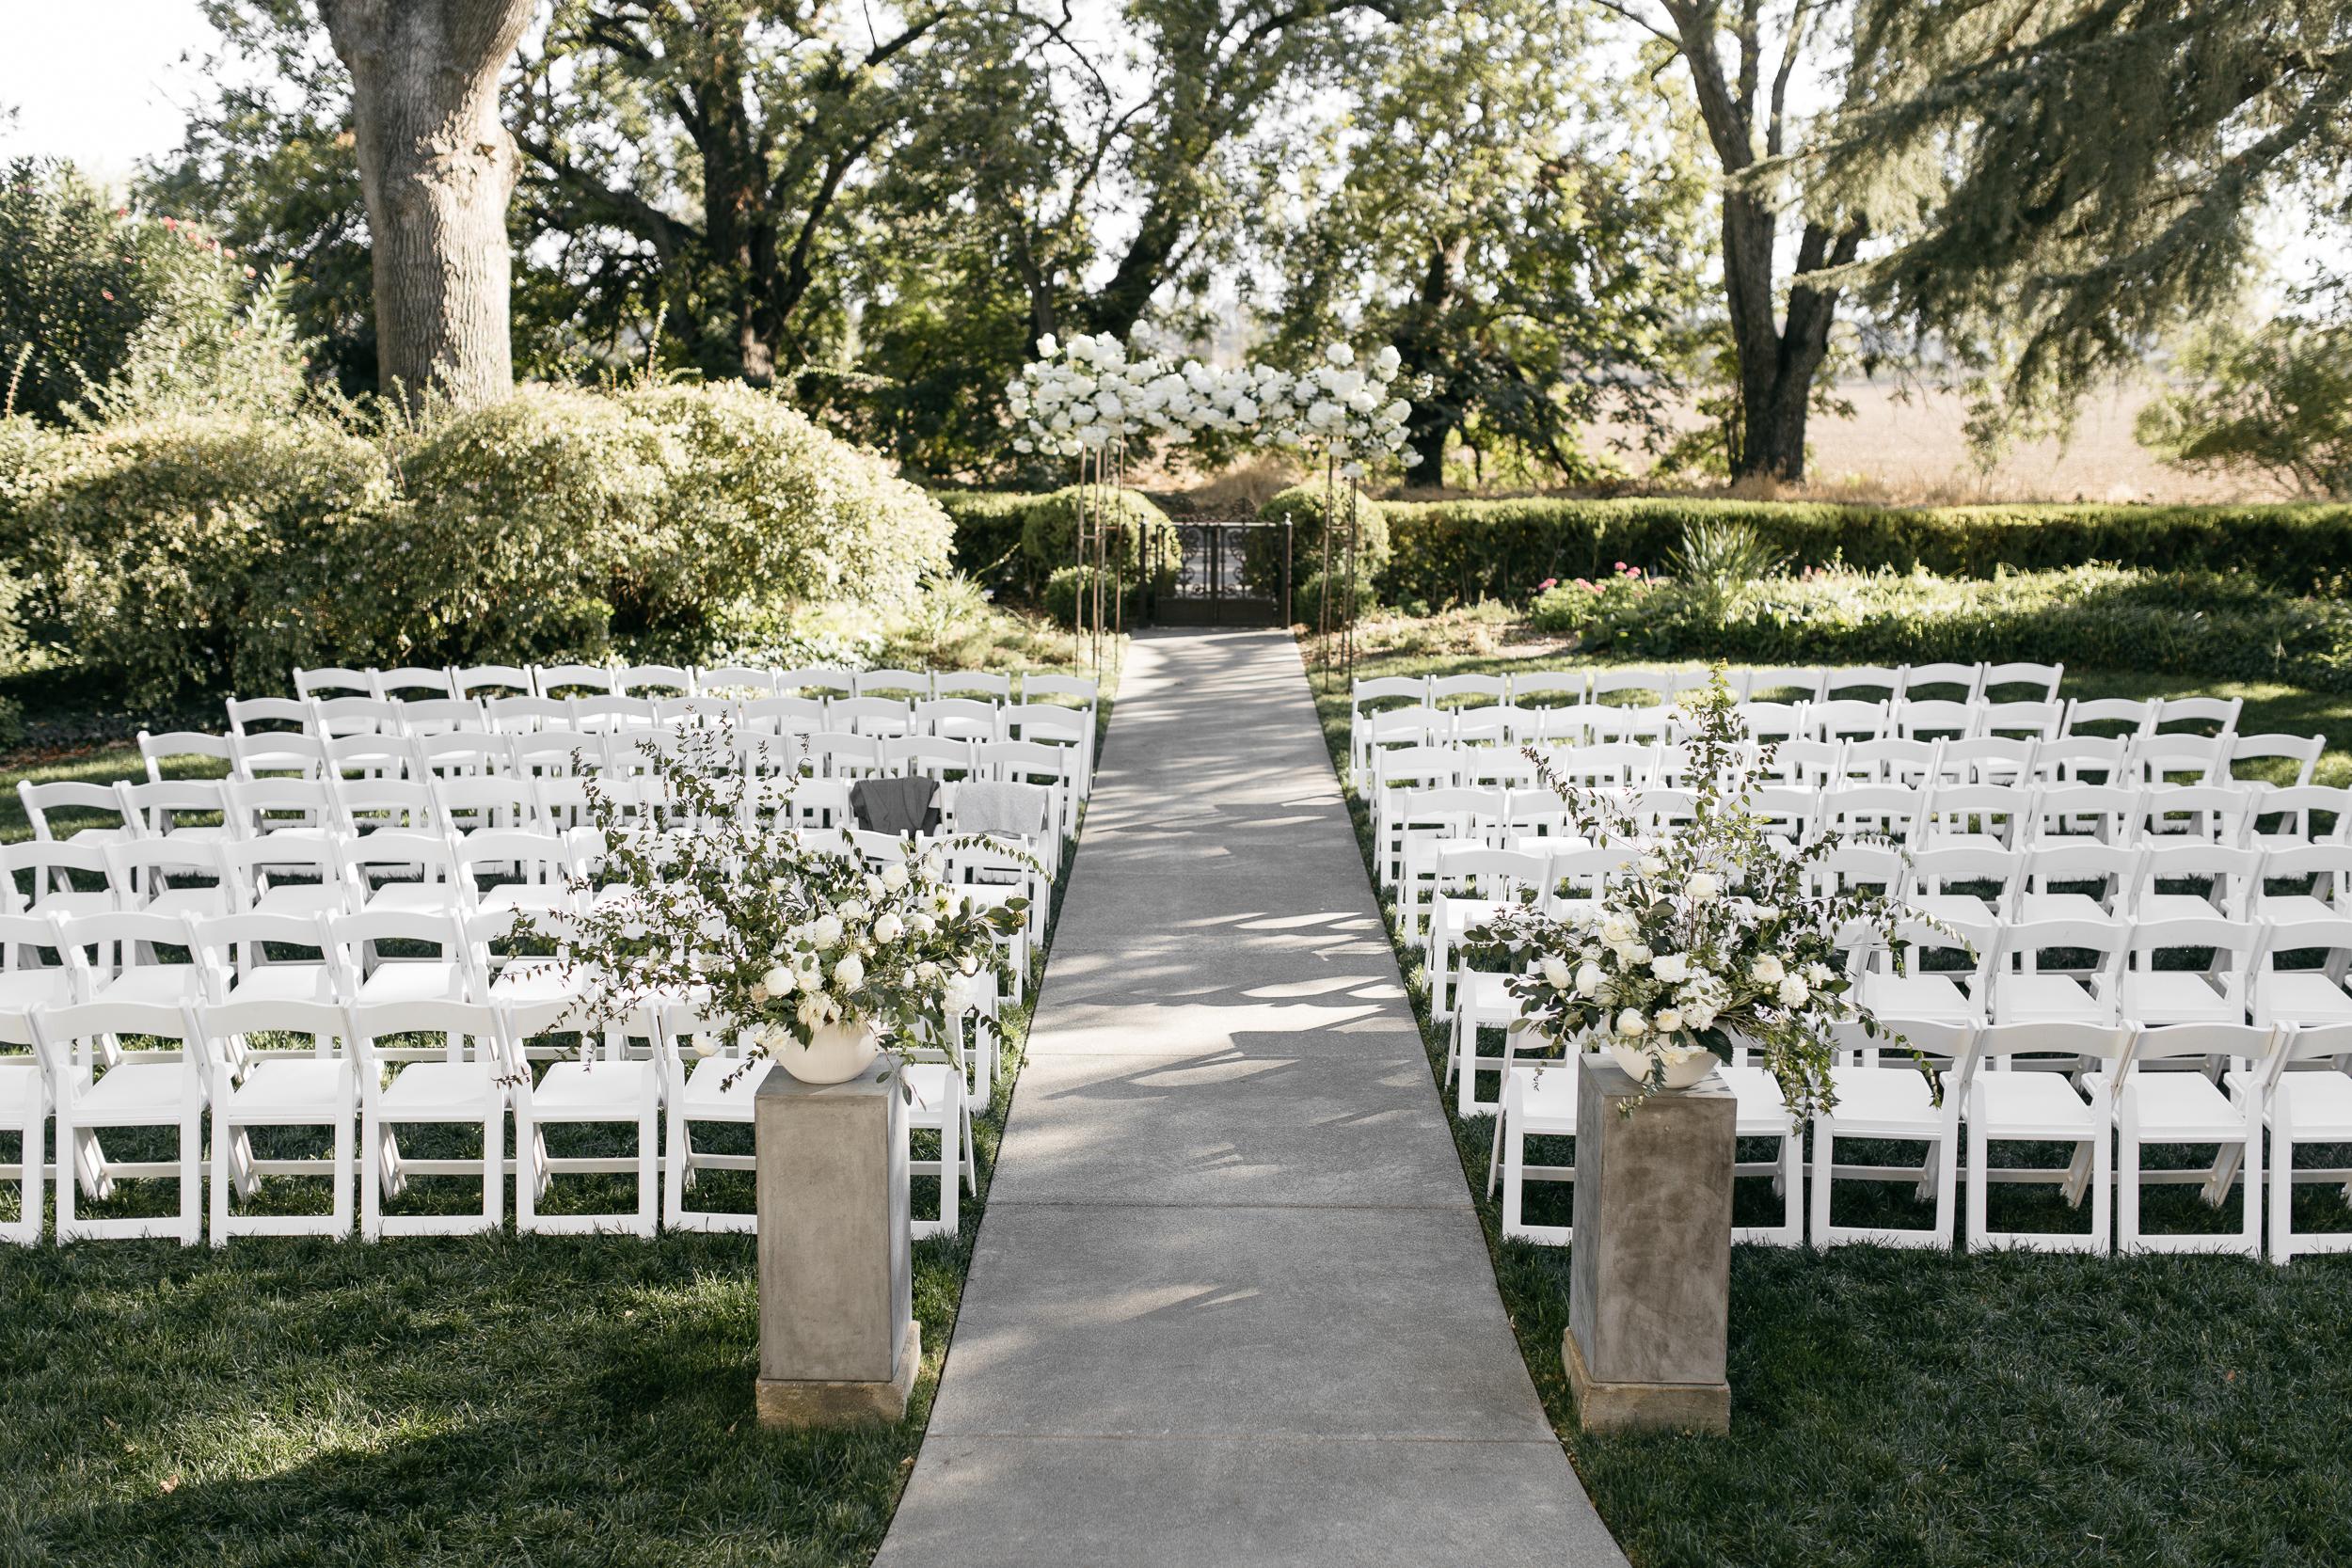 Lauren_Graham_Park_Winters_California_Wedding_JeanLaurentGaudy_297.jpg